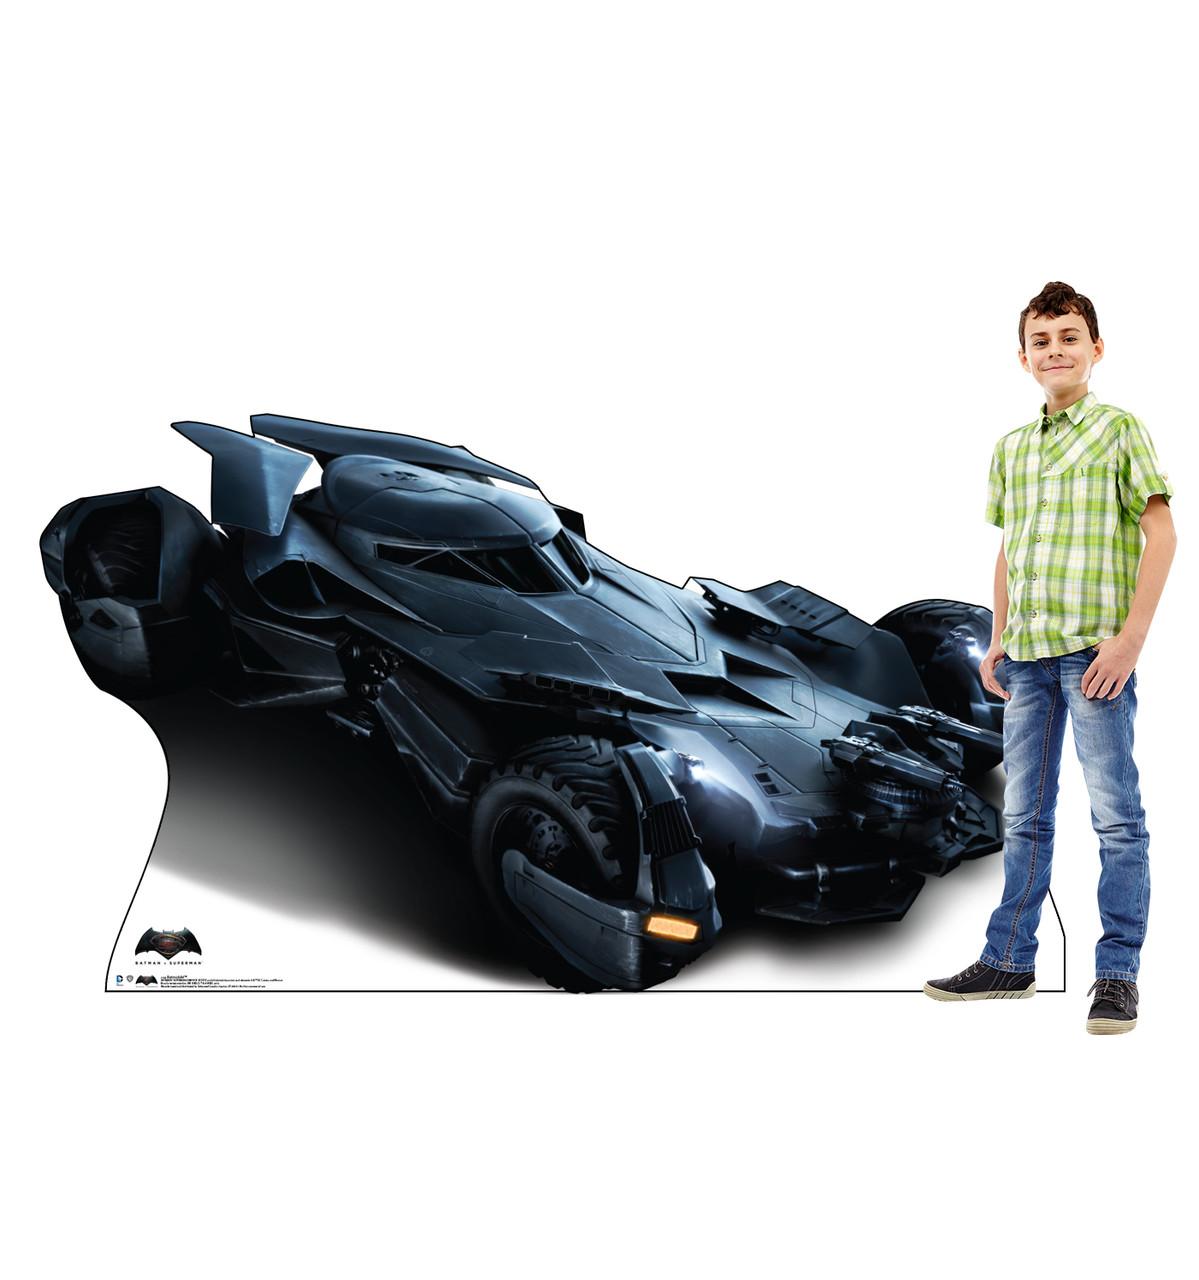 Life-size Batmobile - Batman V. Superman Cardboard Standup   Cardboard Cutout